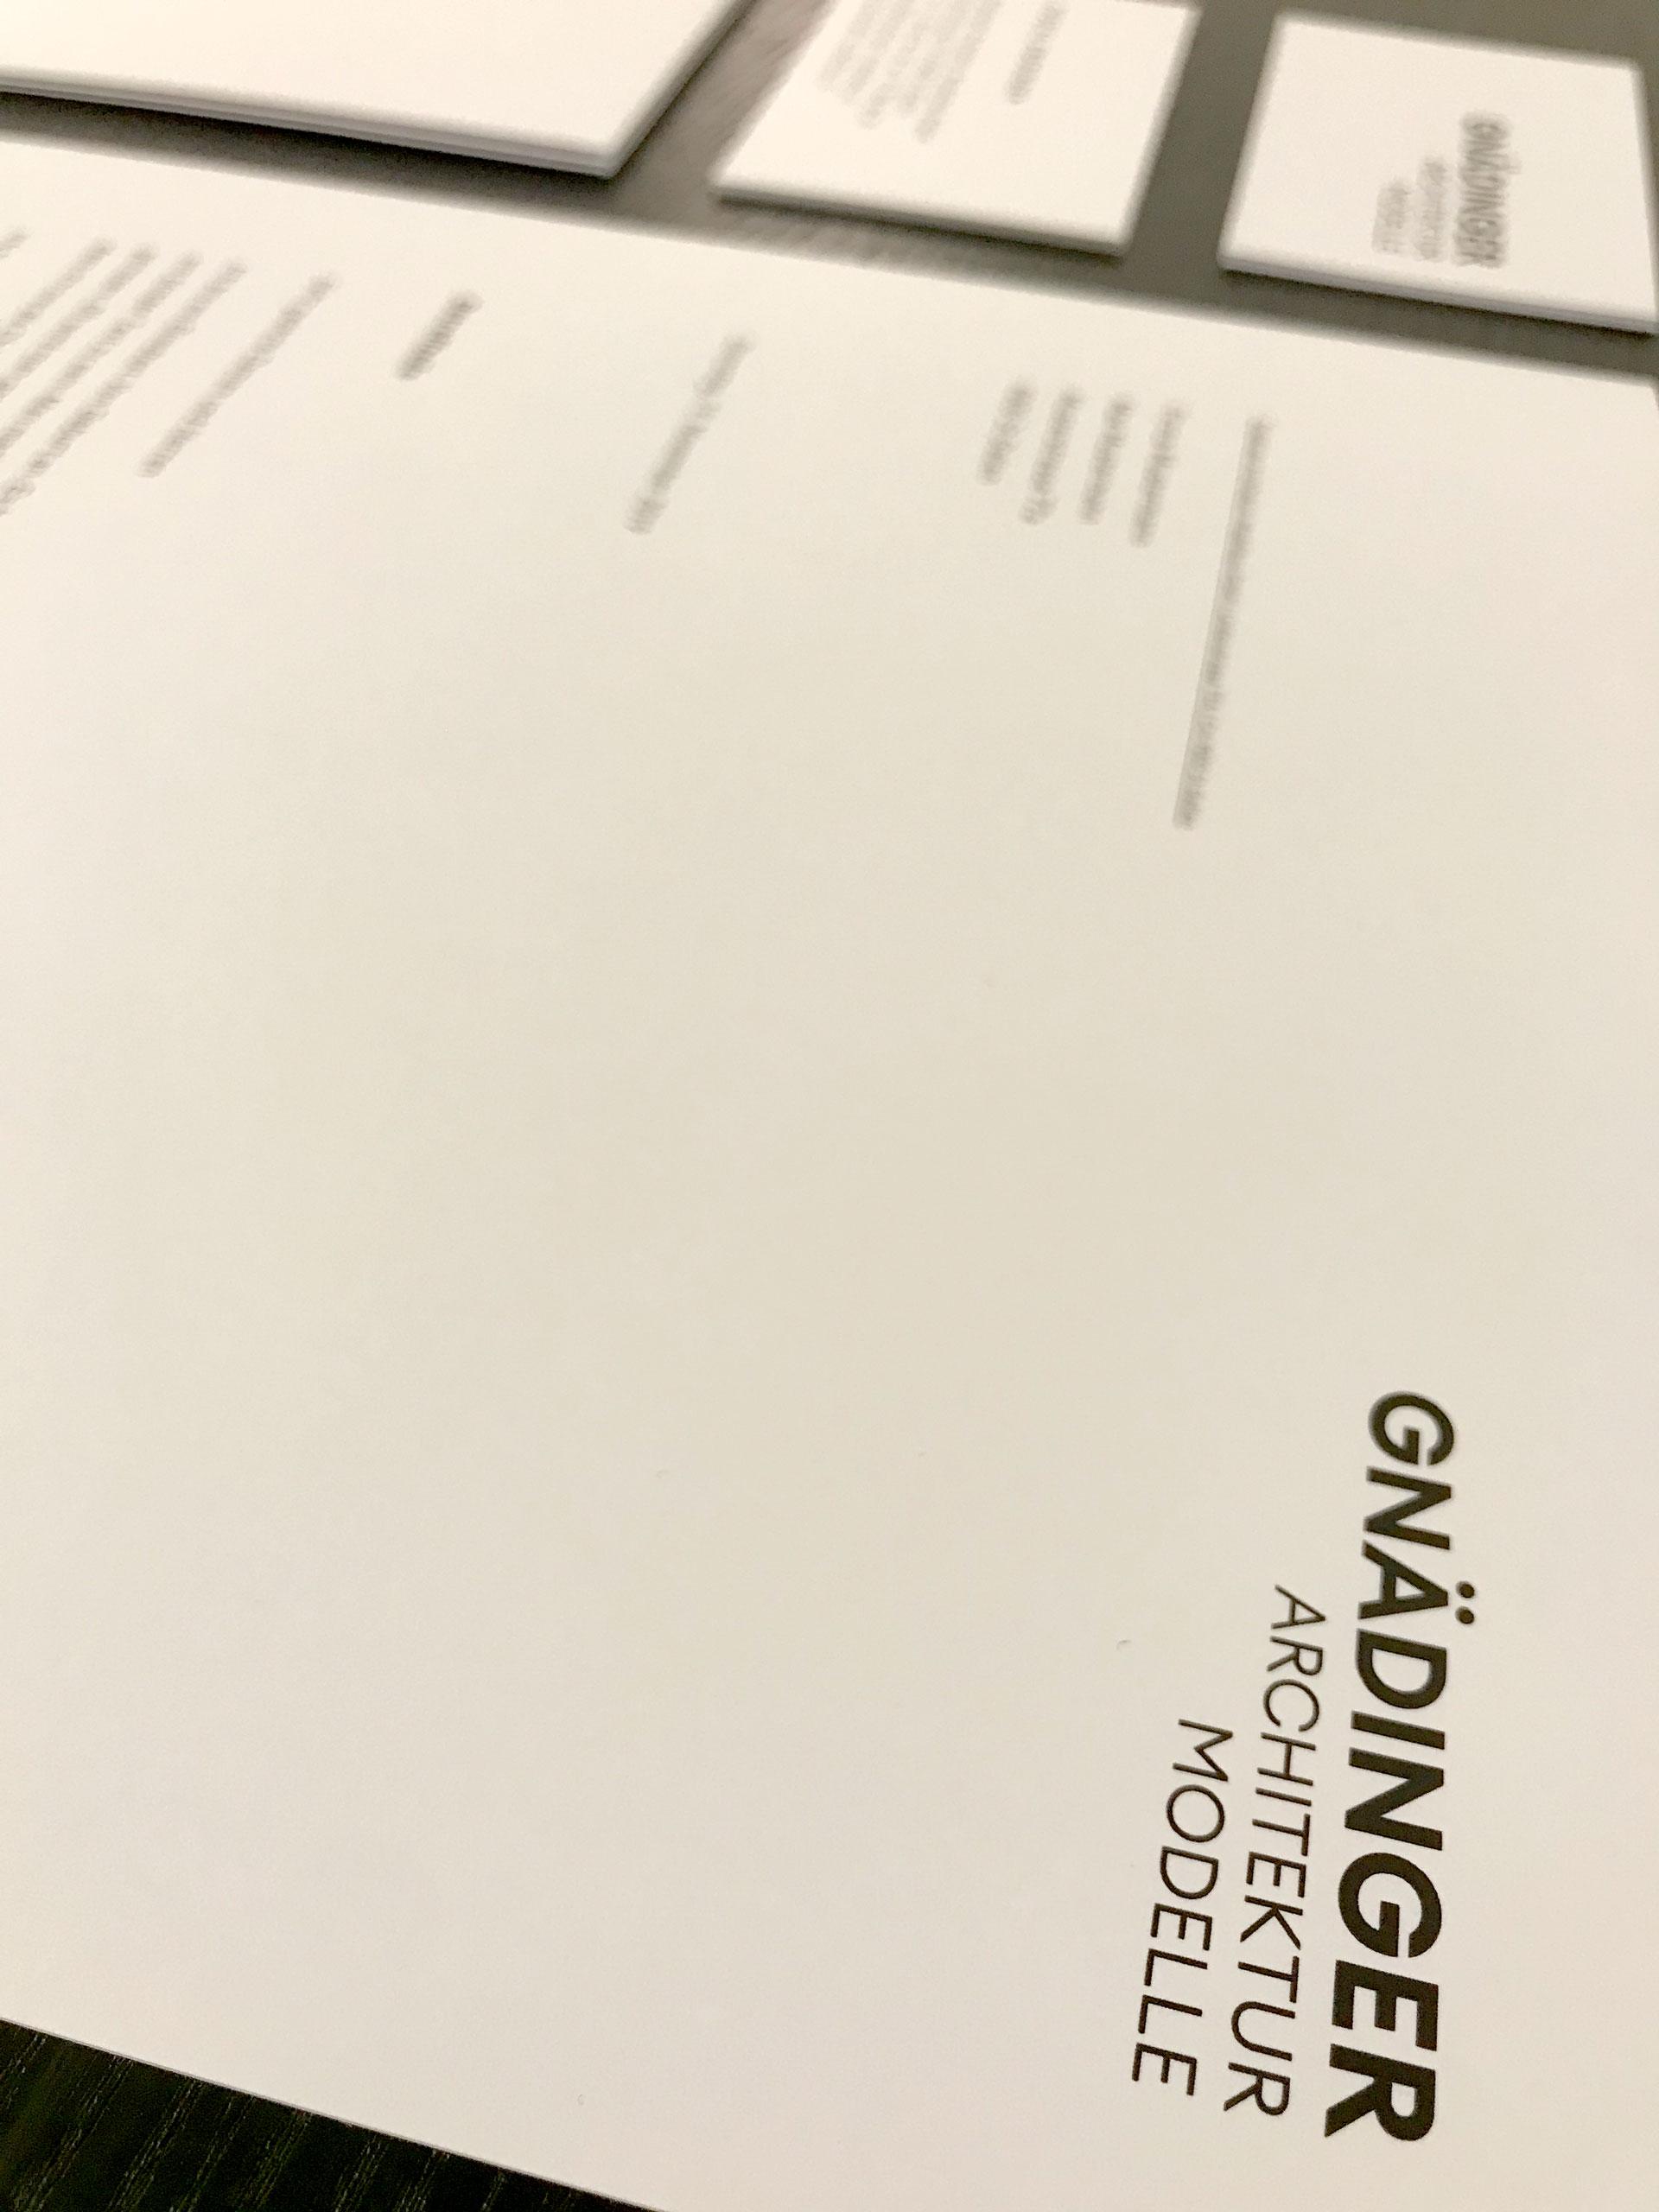 Gnaedinger_Briefschaften02.jpg